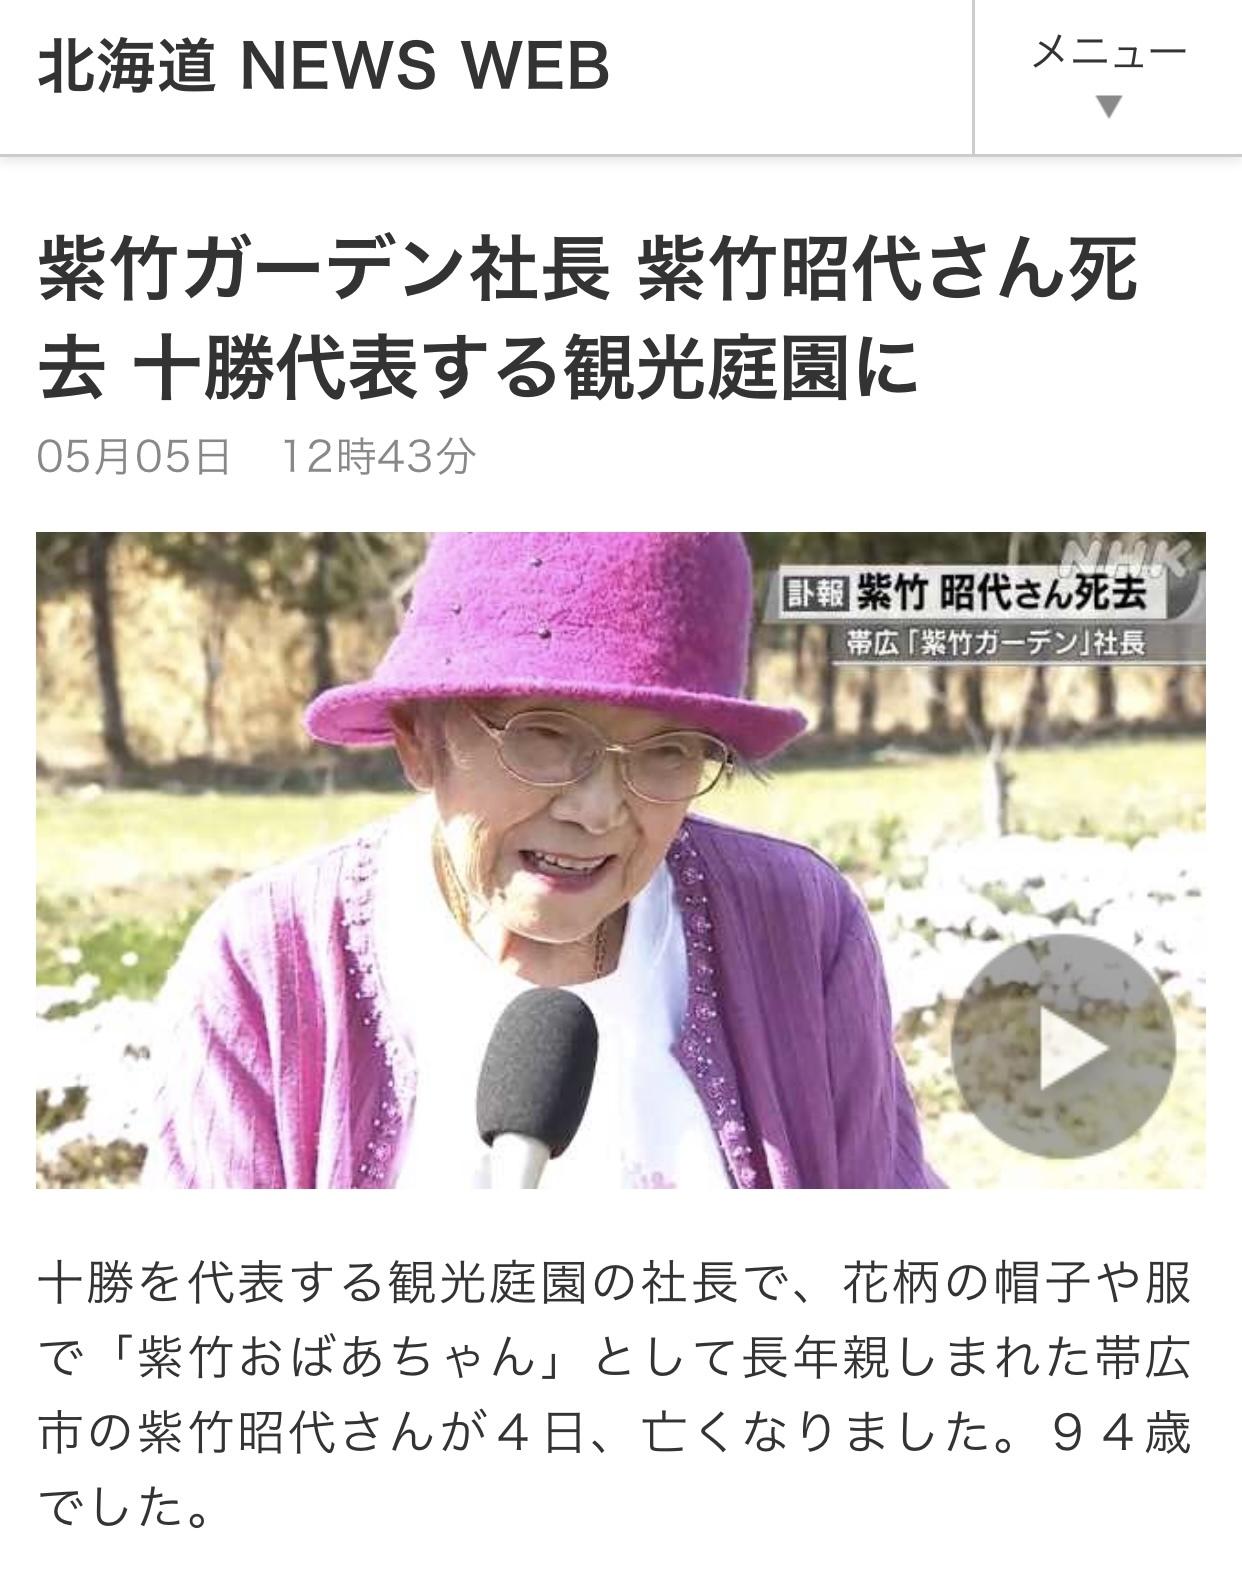 紫竹おばあちゃん_d0130714_18371374.jpg